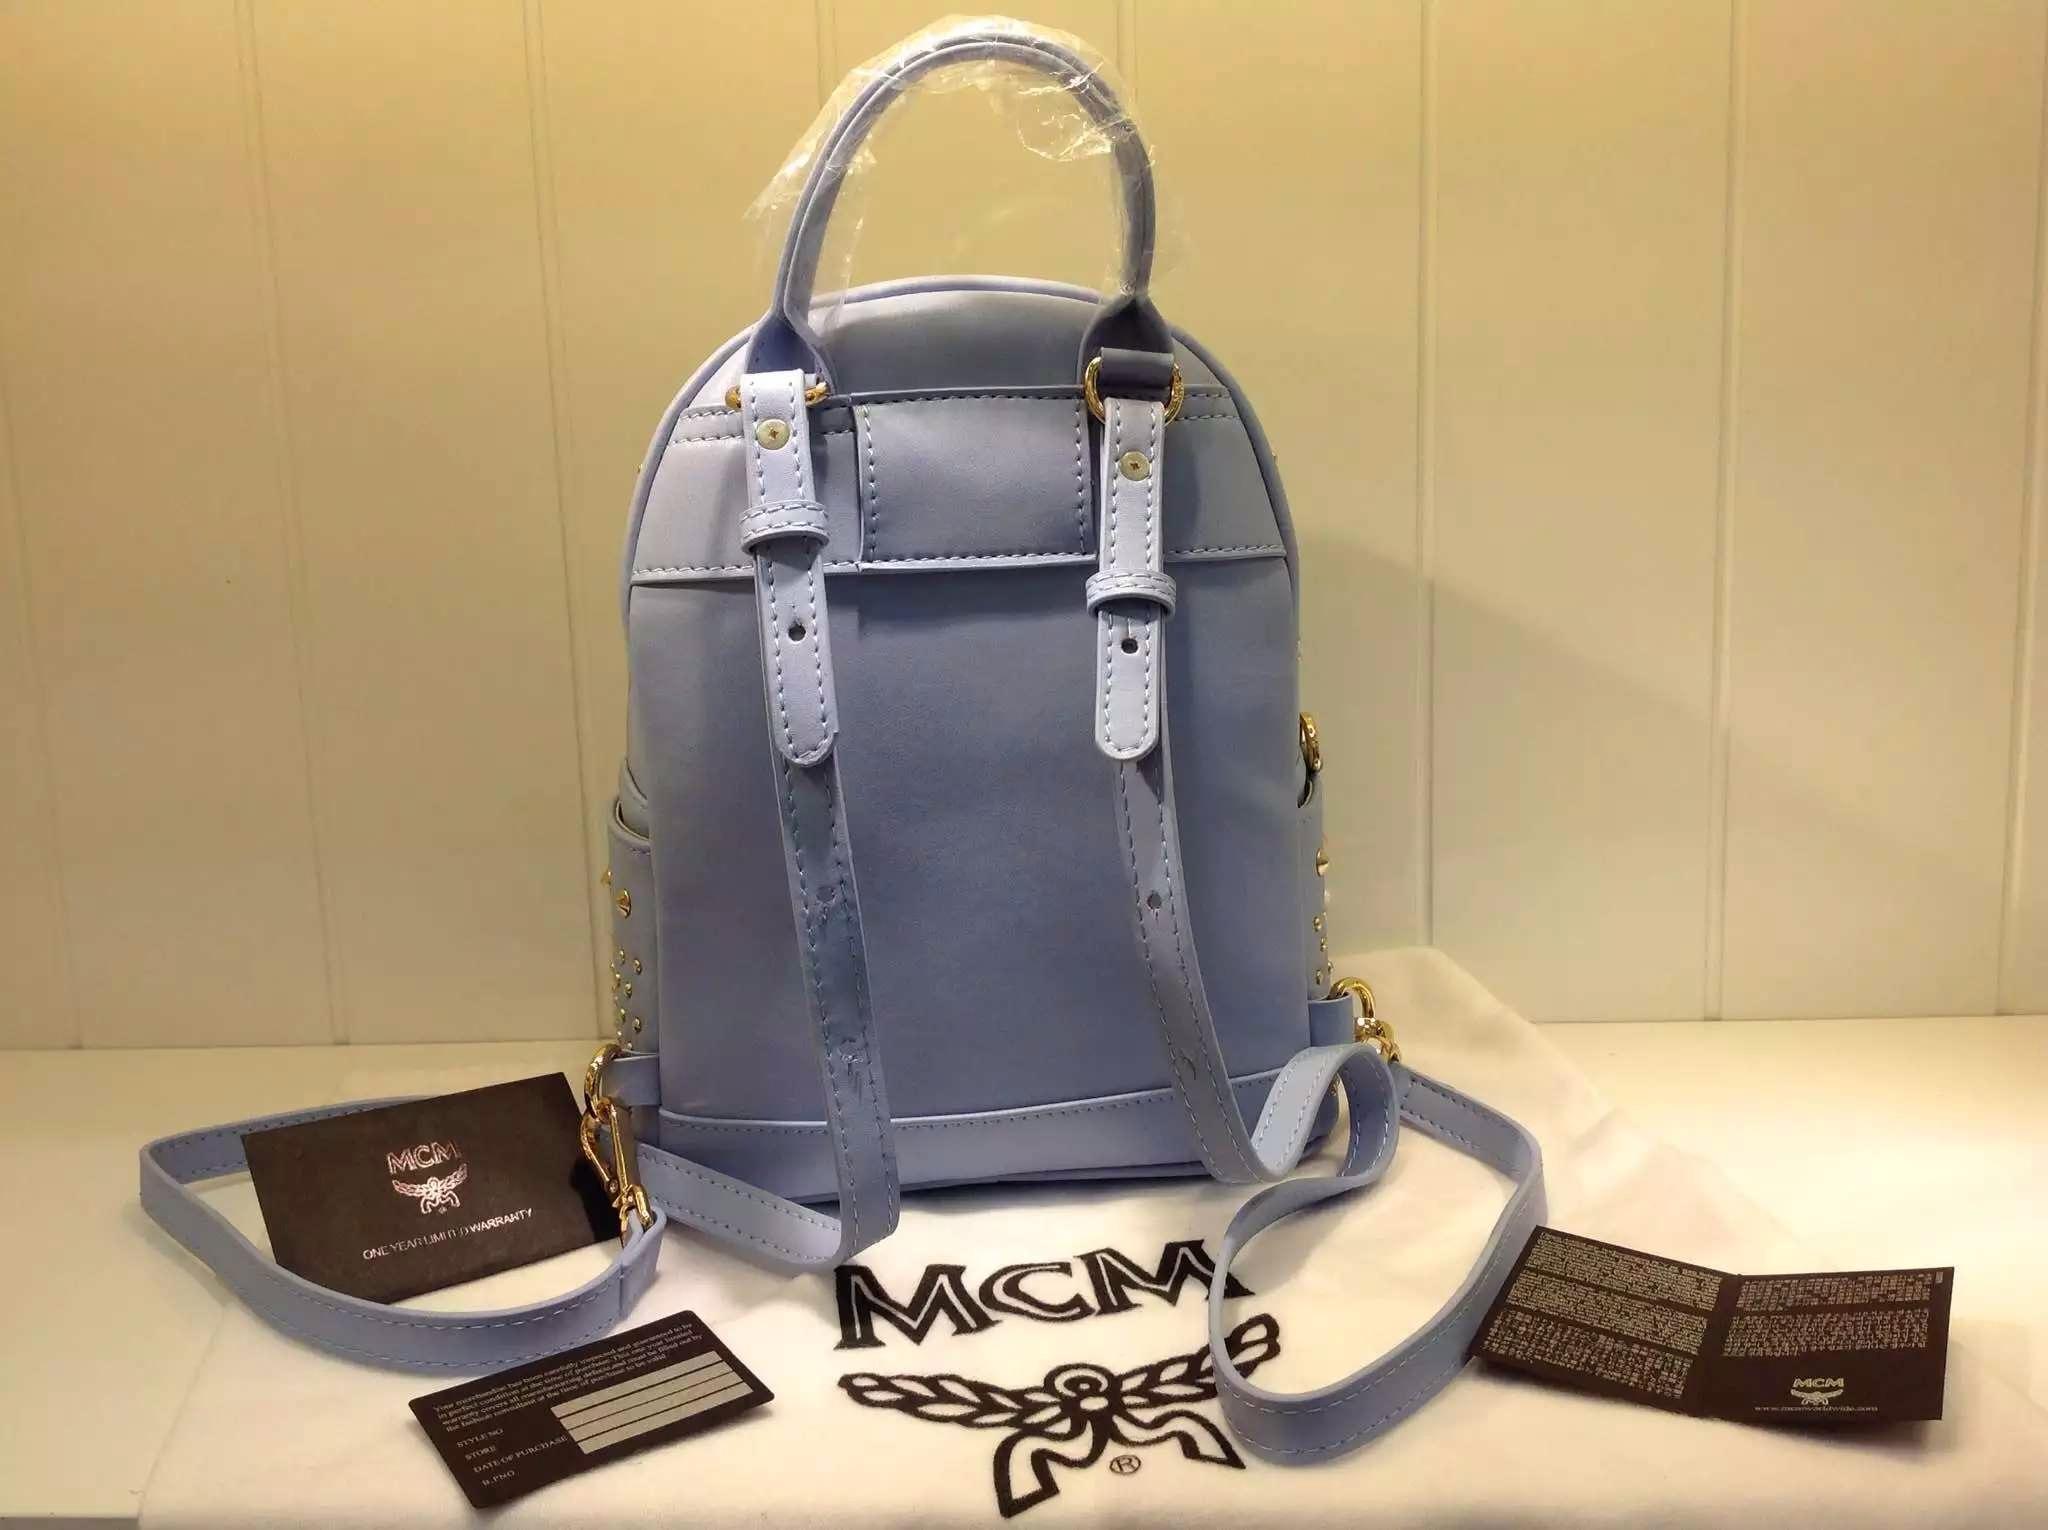 2015限量版 原单品质MCM双肩包 邓紫棋新款 小号mini 蓝色